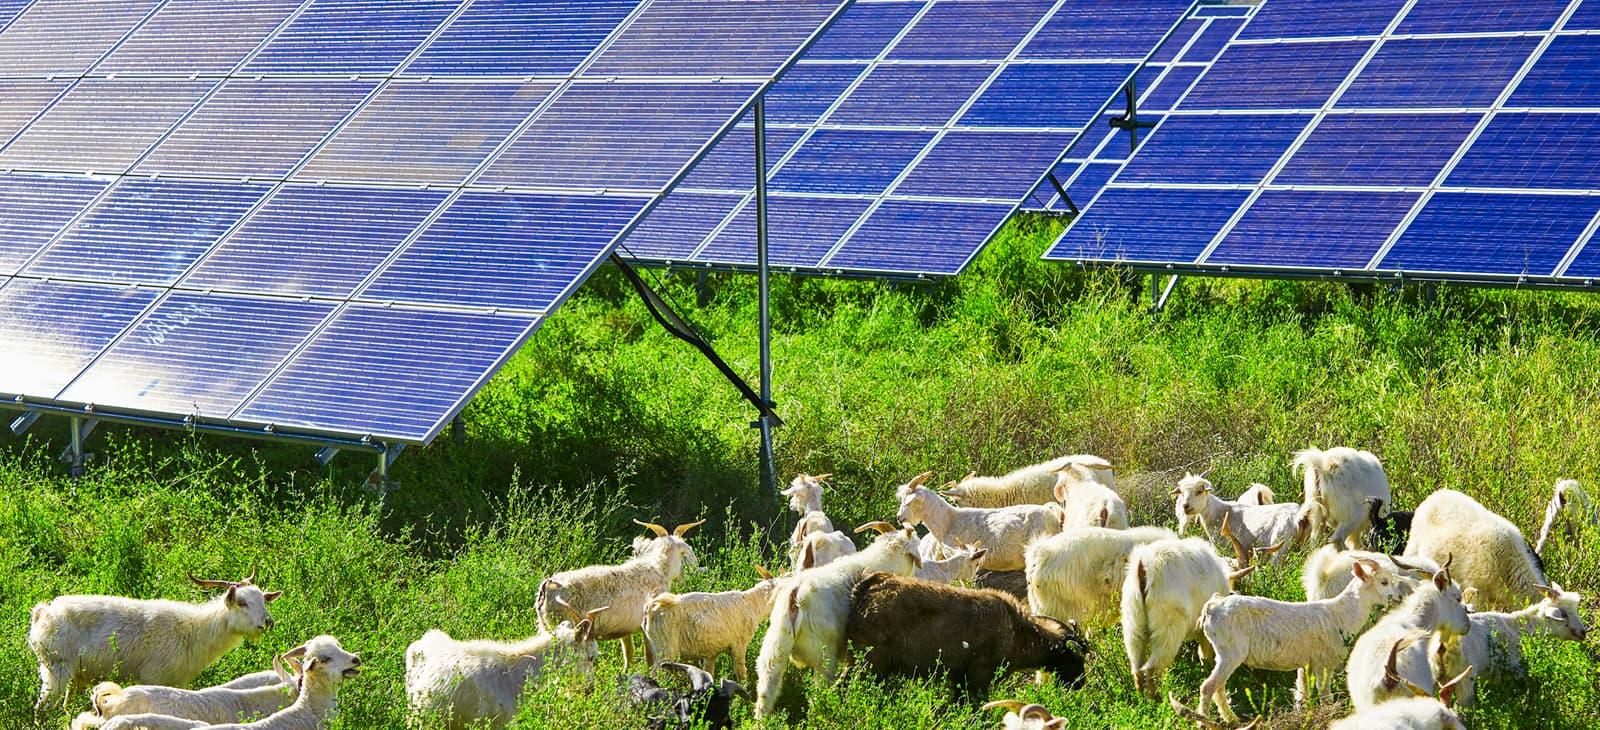 Eine Tierherde vor einer Solaranlage